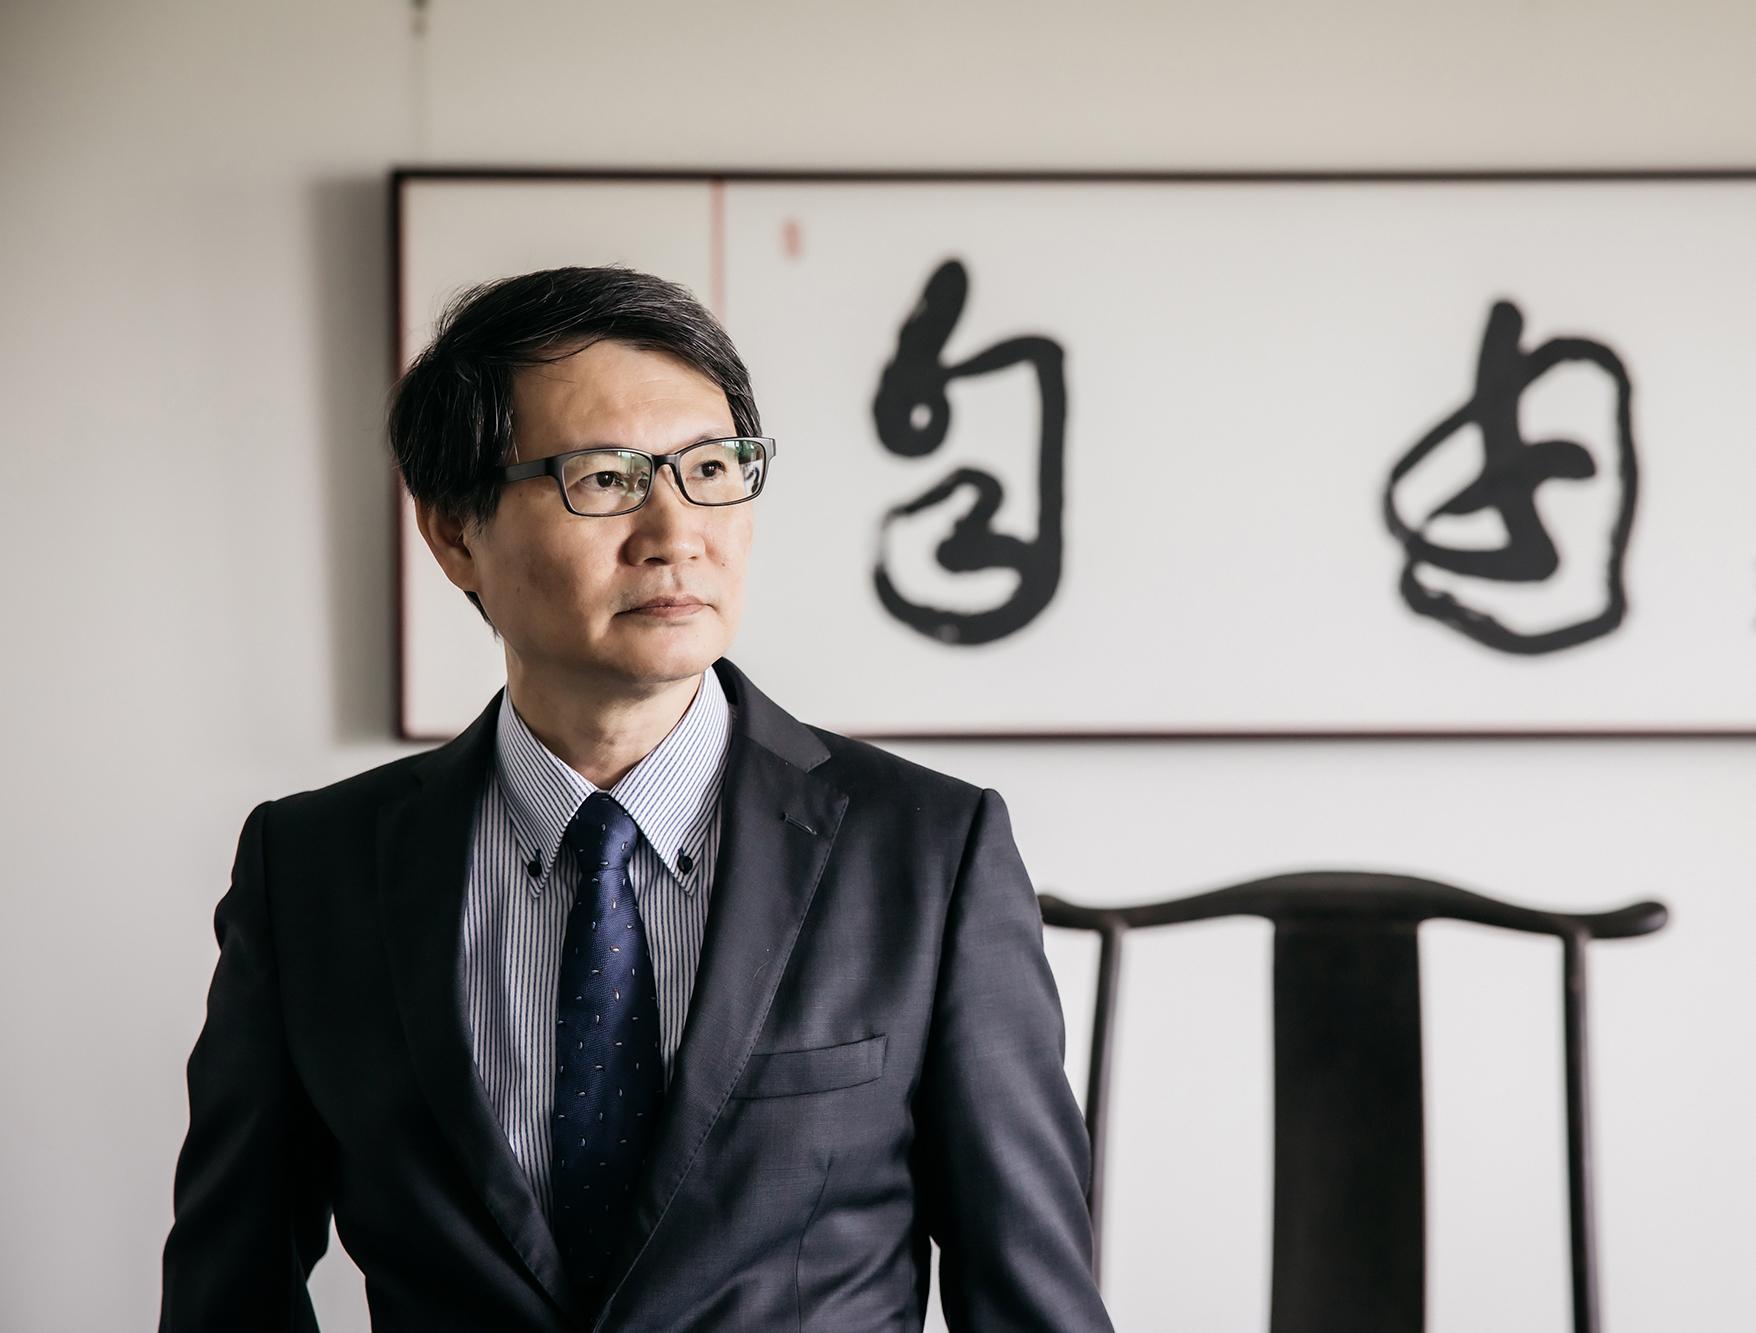 李建良 Chien-Liang Lee